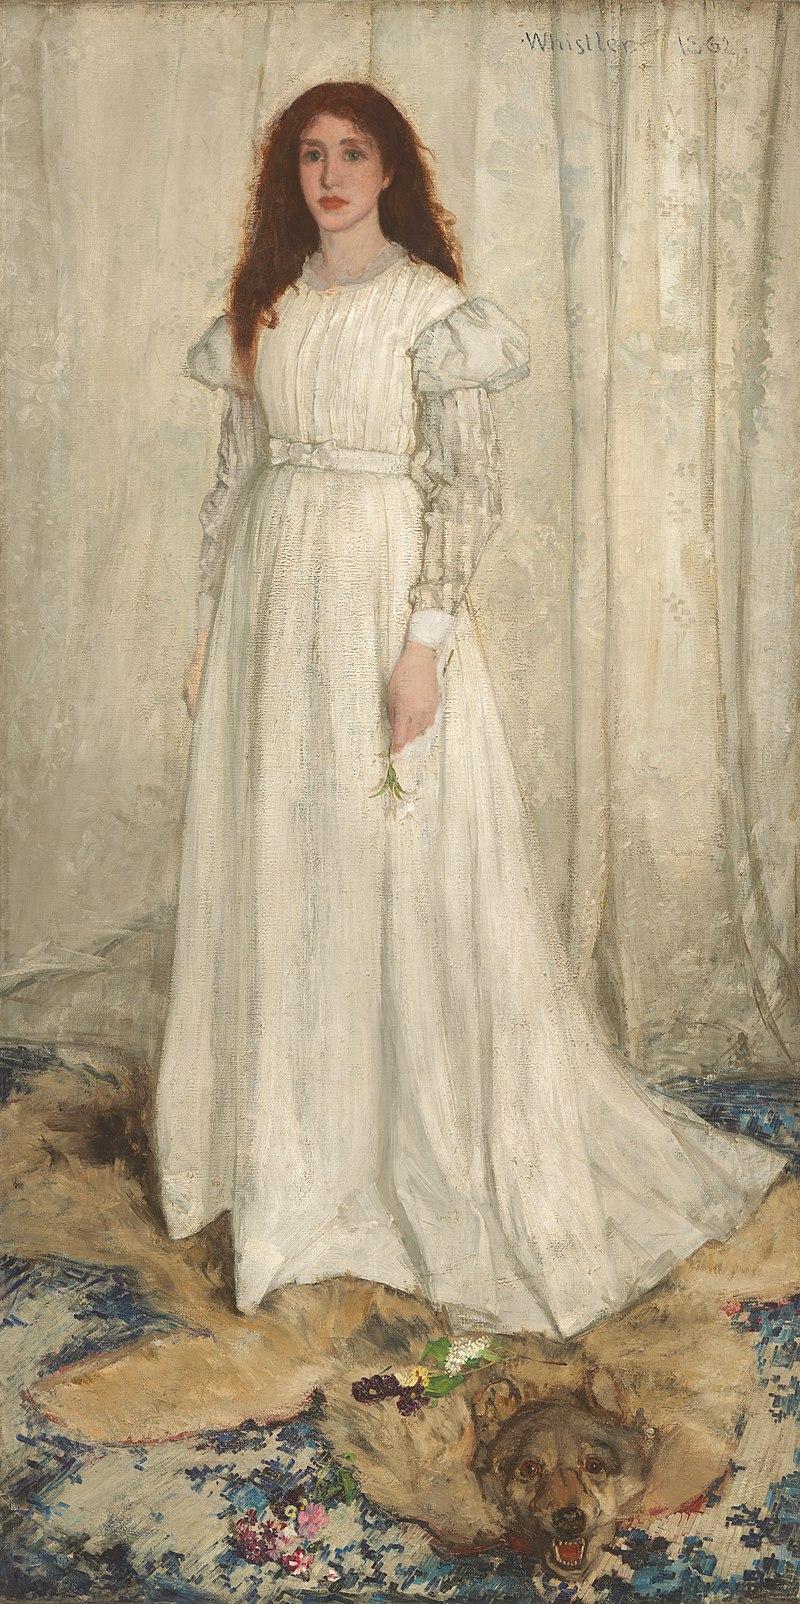 Фото 6. Джеймс Уистлер. «Симфония в белом № 1: девушка в белом», 1861 (Была выставлена на знаменитом Салоне отверженных 1863 года в Париже)